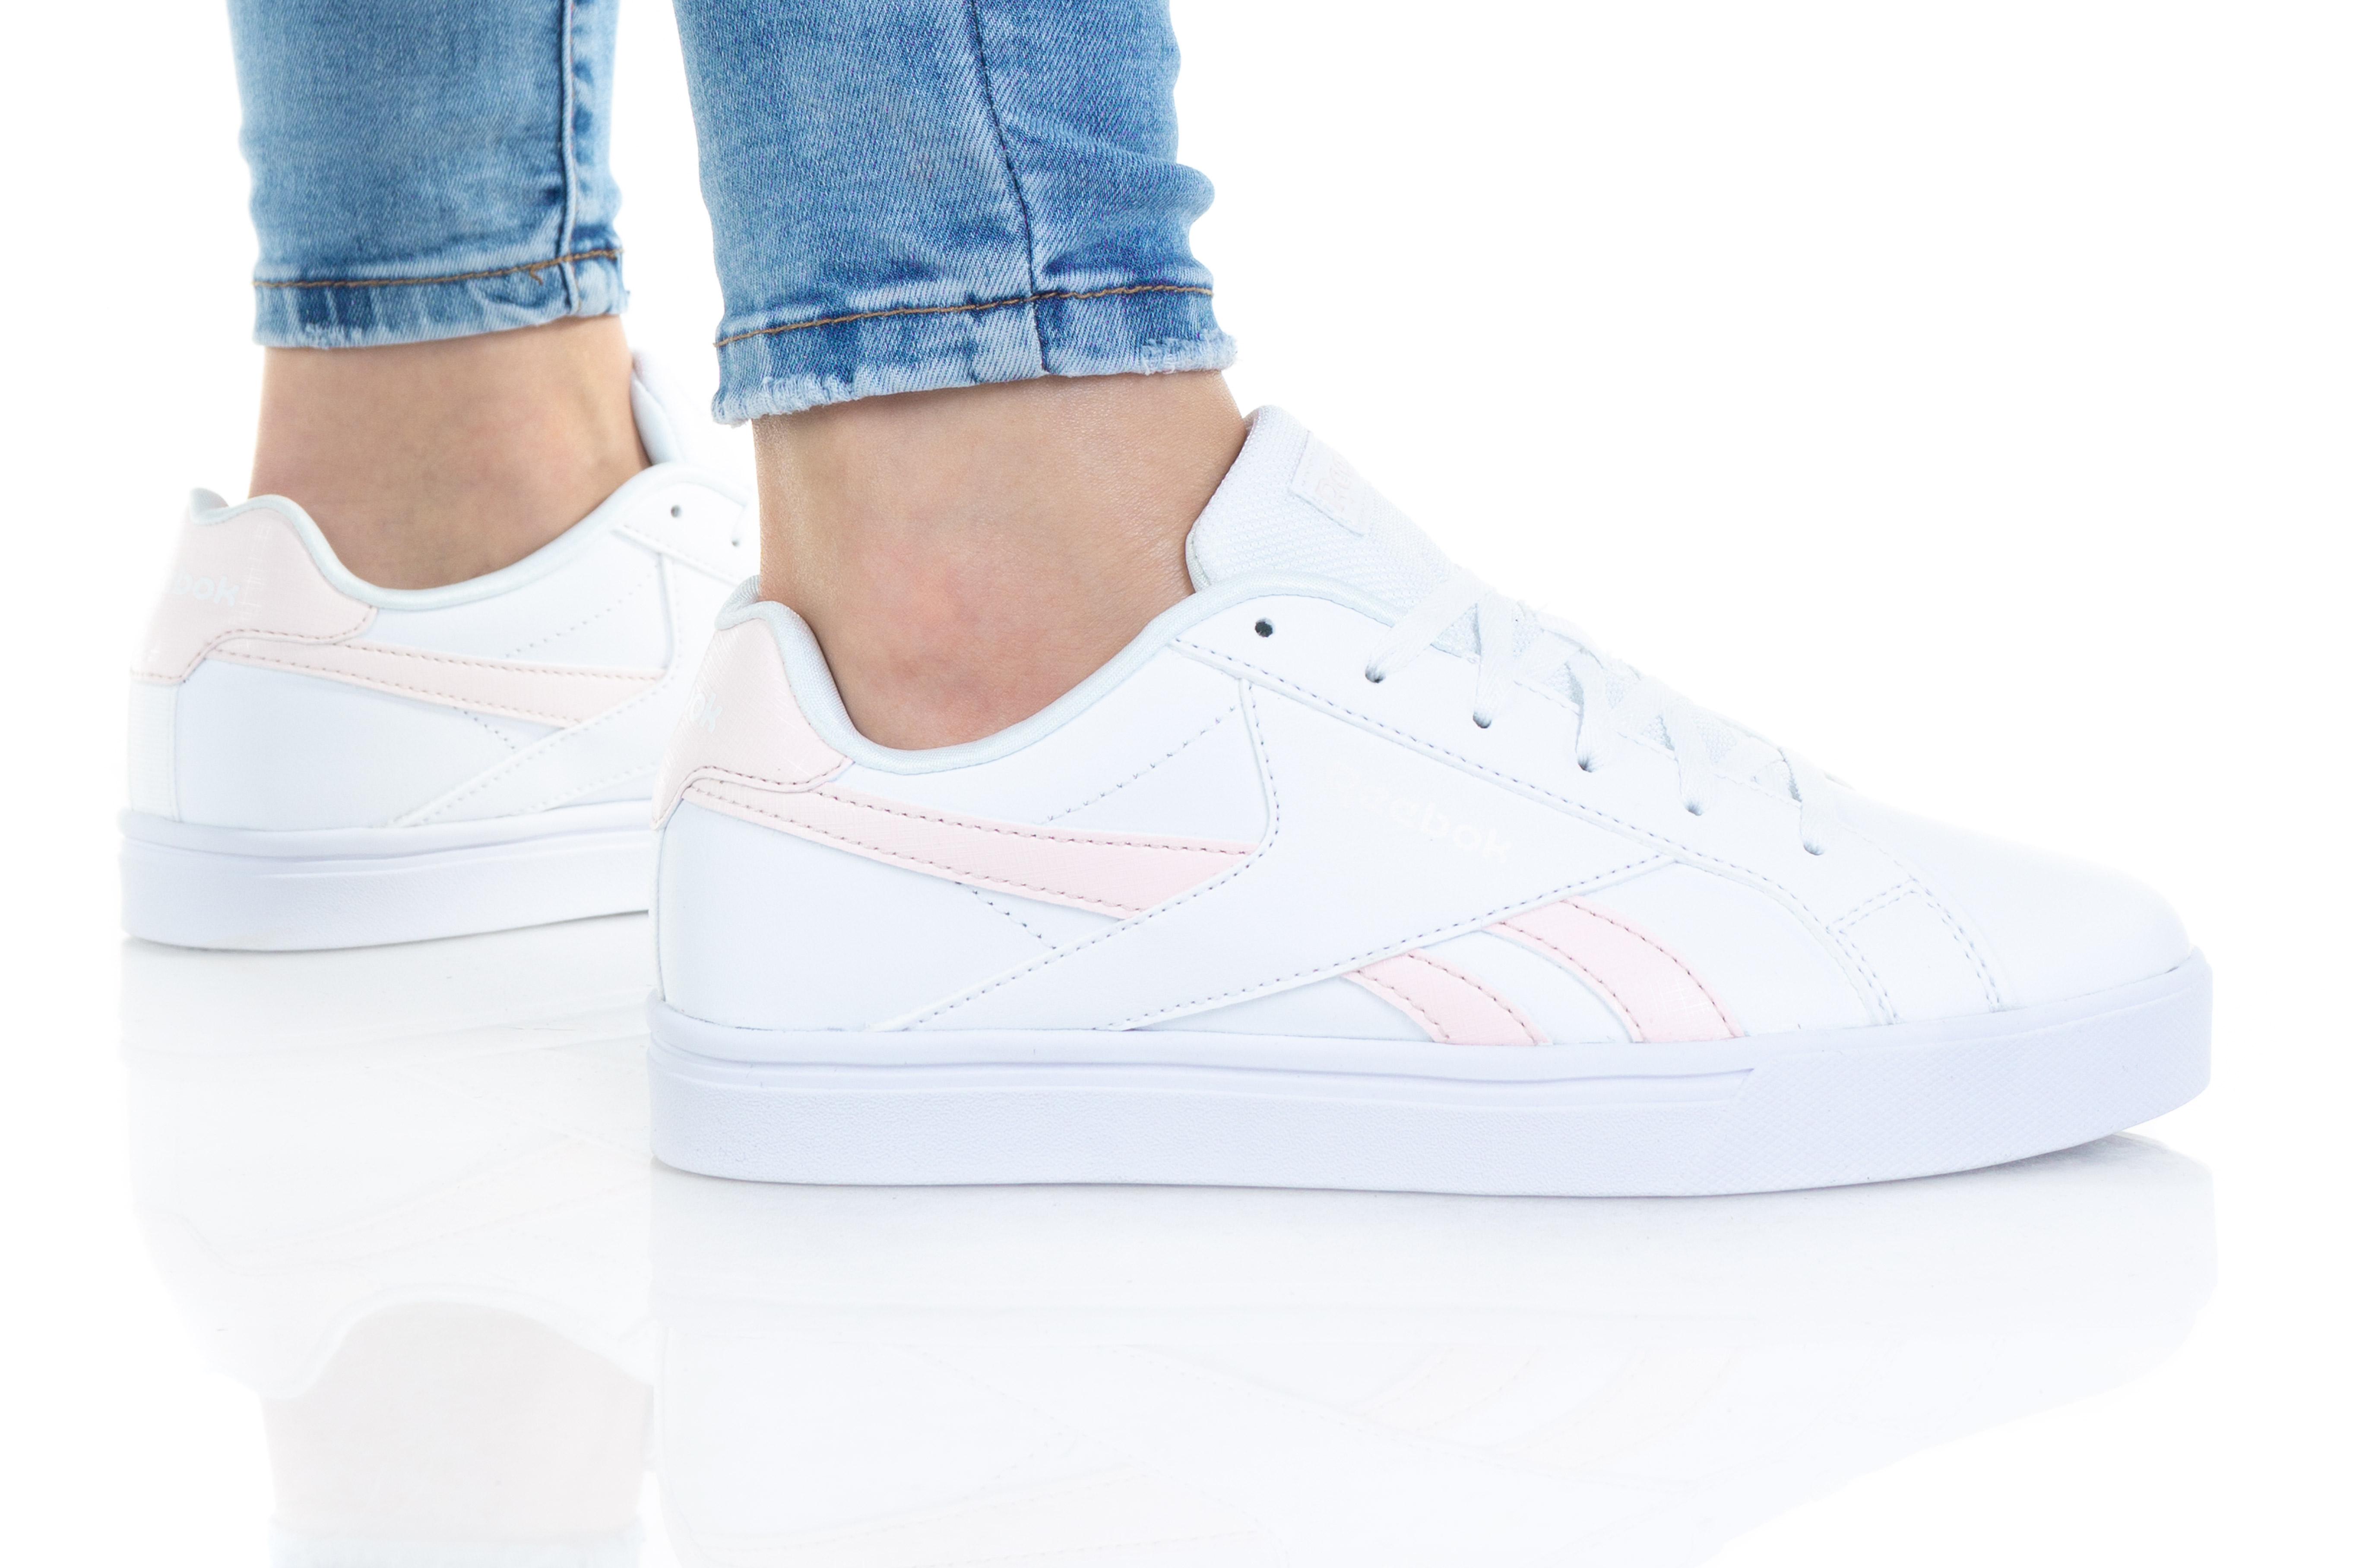 נעליים ריבוק לנשים Reebok ROYAL COMPLETE - לבן